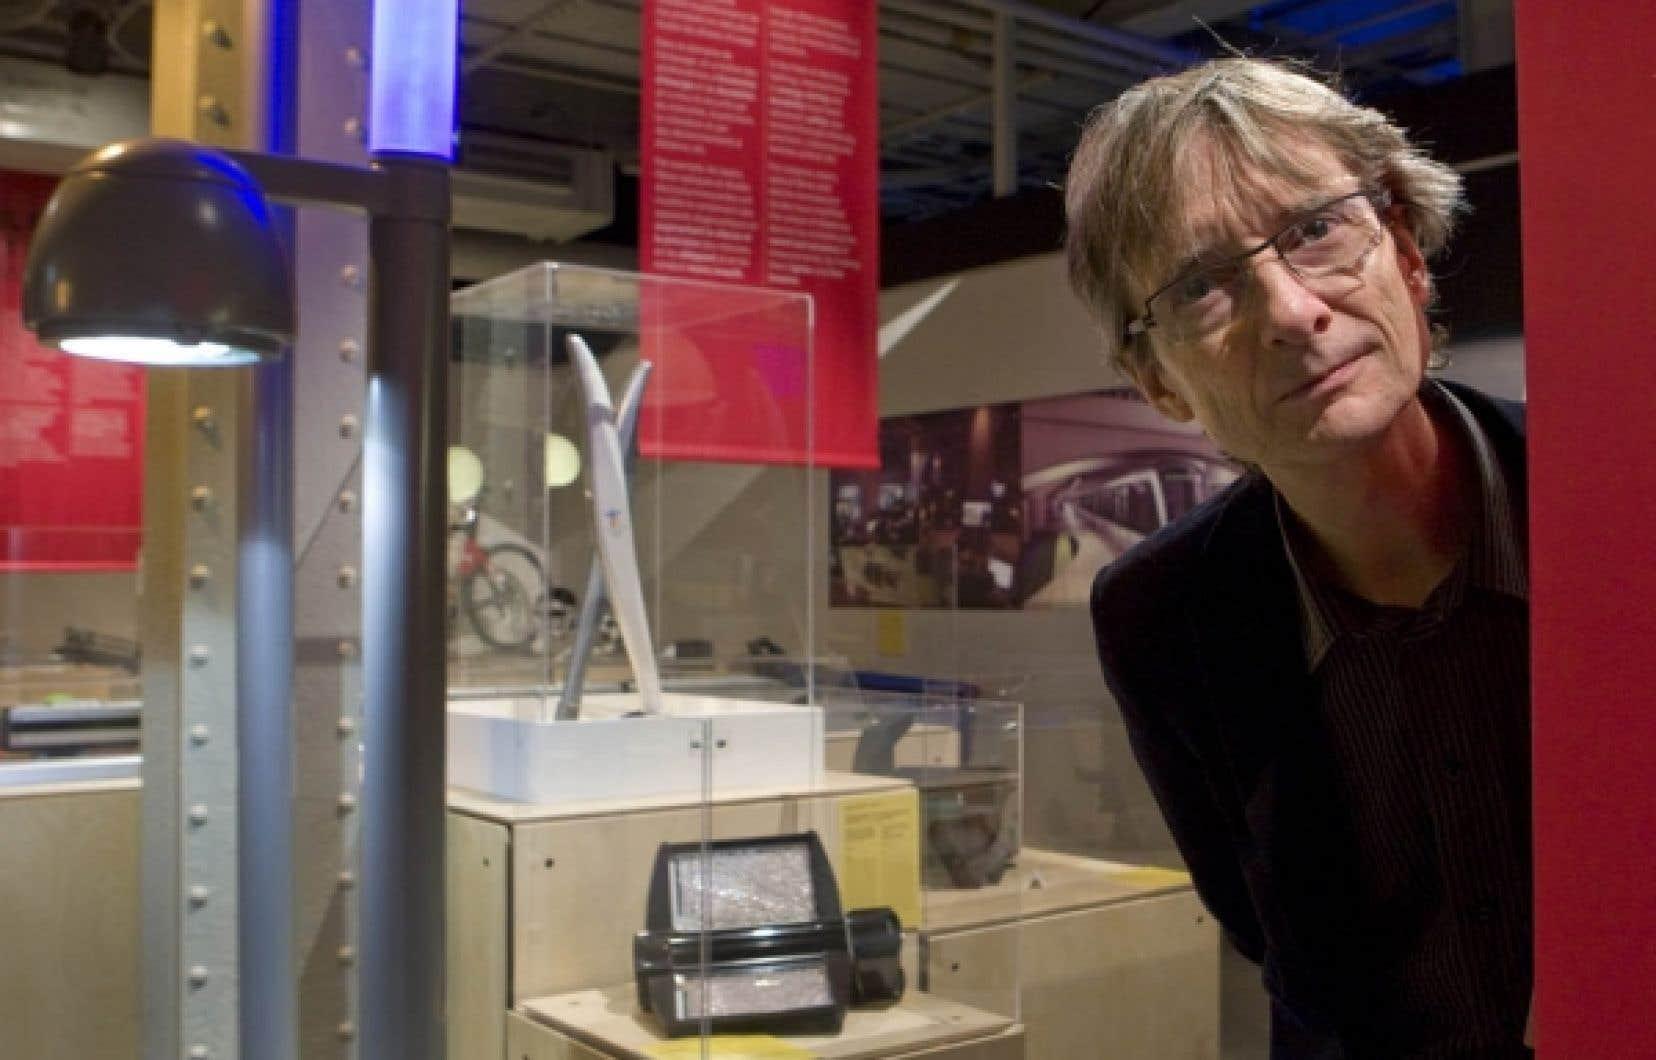 Philippe Lalande, directeur de l'École de design industriel de l'Université de Montréal, photographié au Centre des sciences de Montréal, qui présente une rétrospective de 40 ans de design québécois.